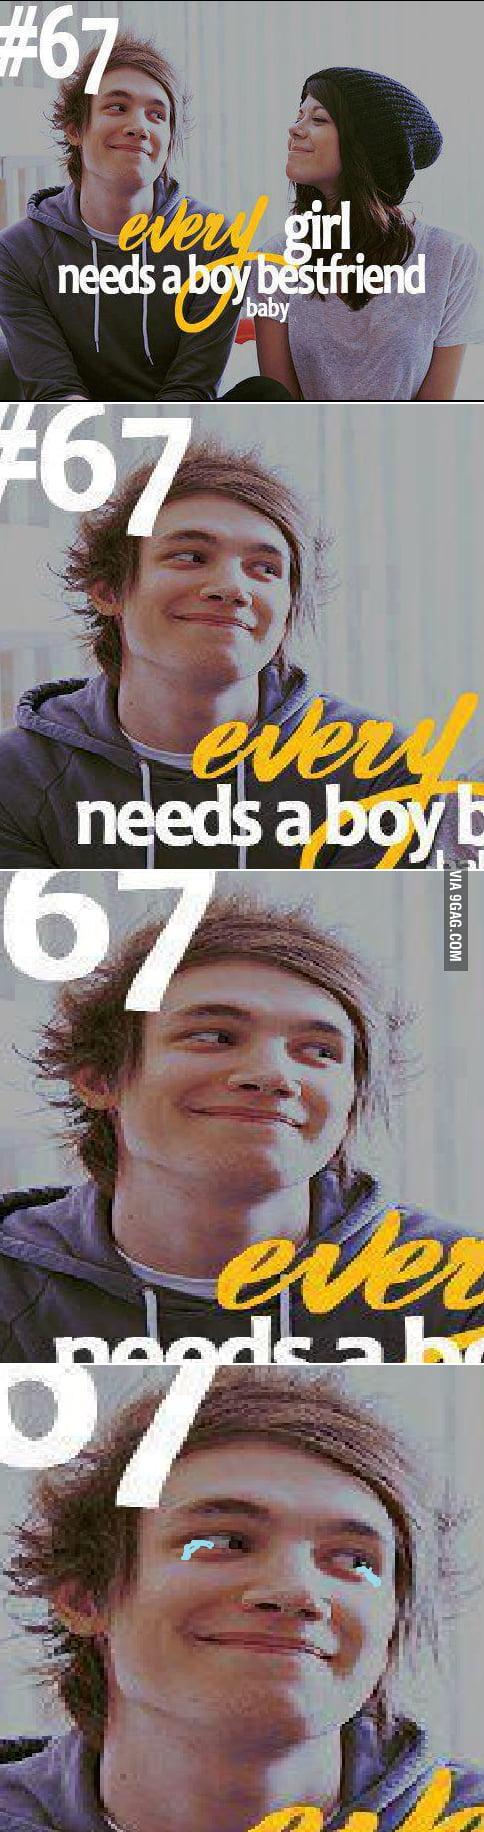 Every girl needs a boy best friend.